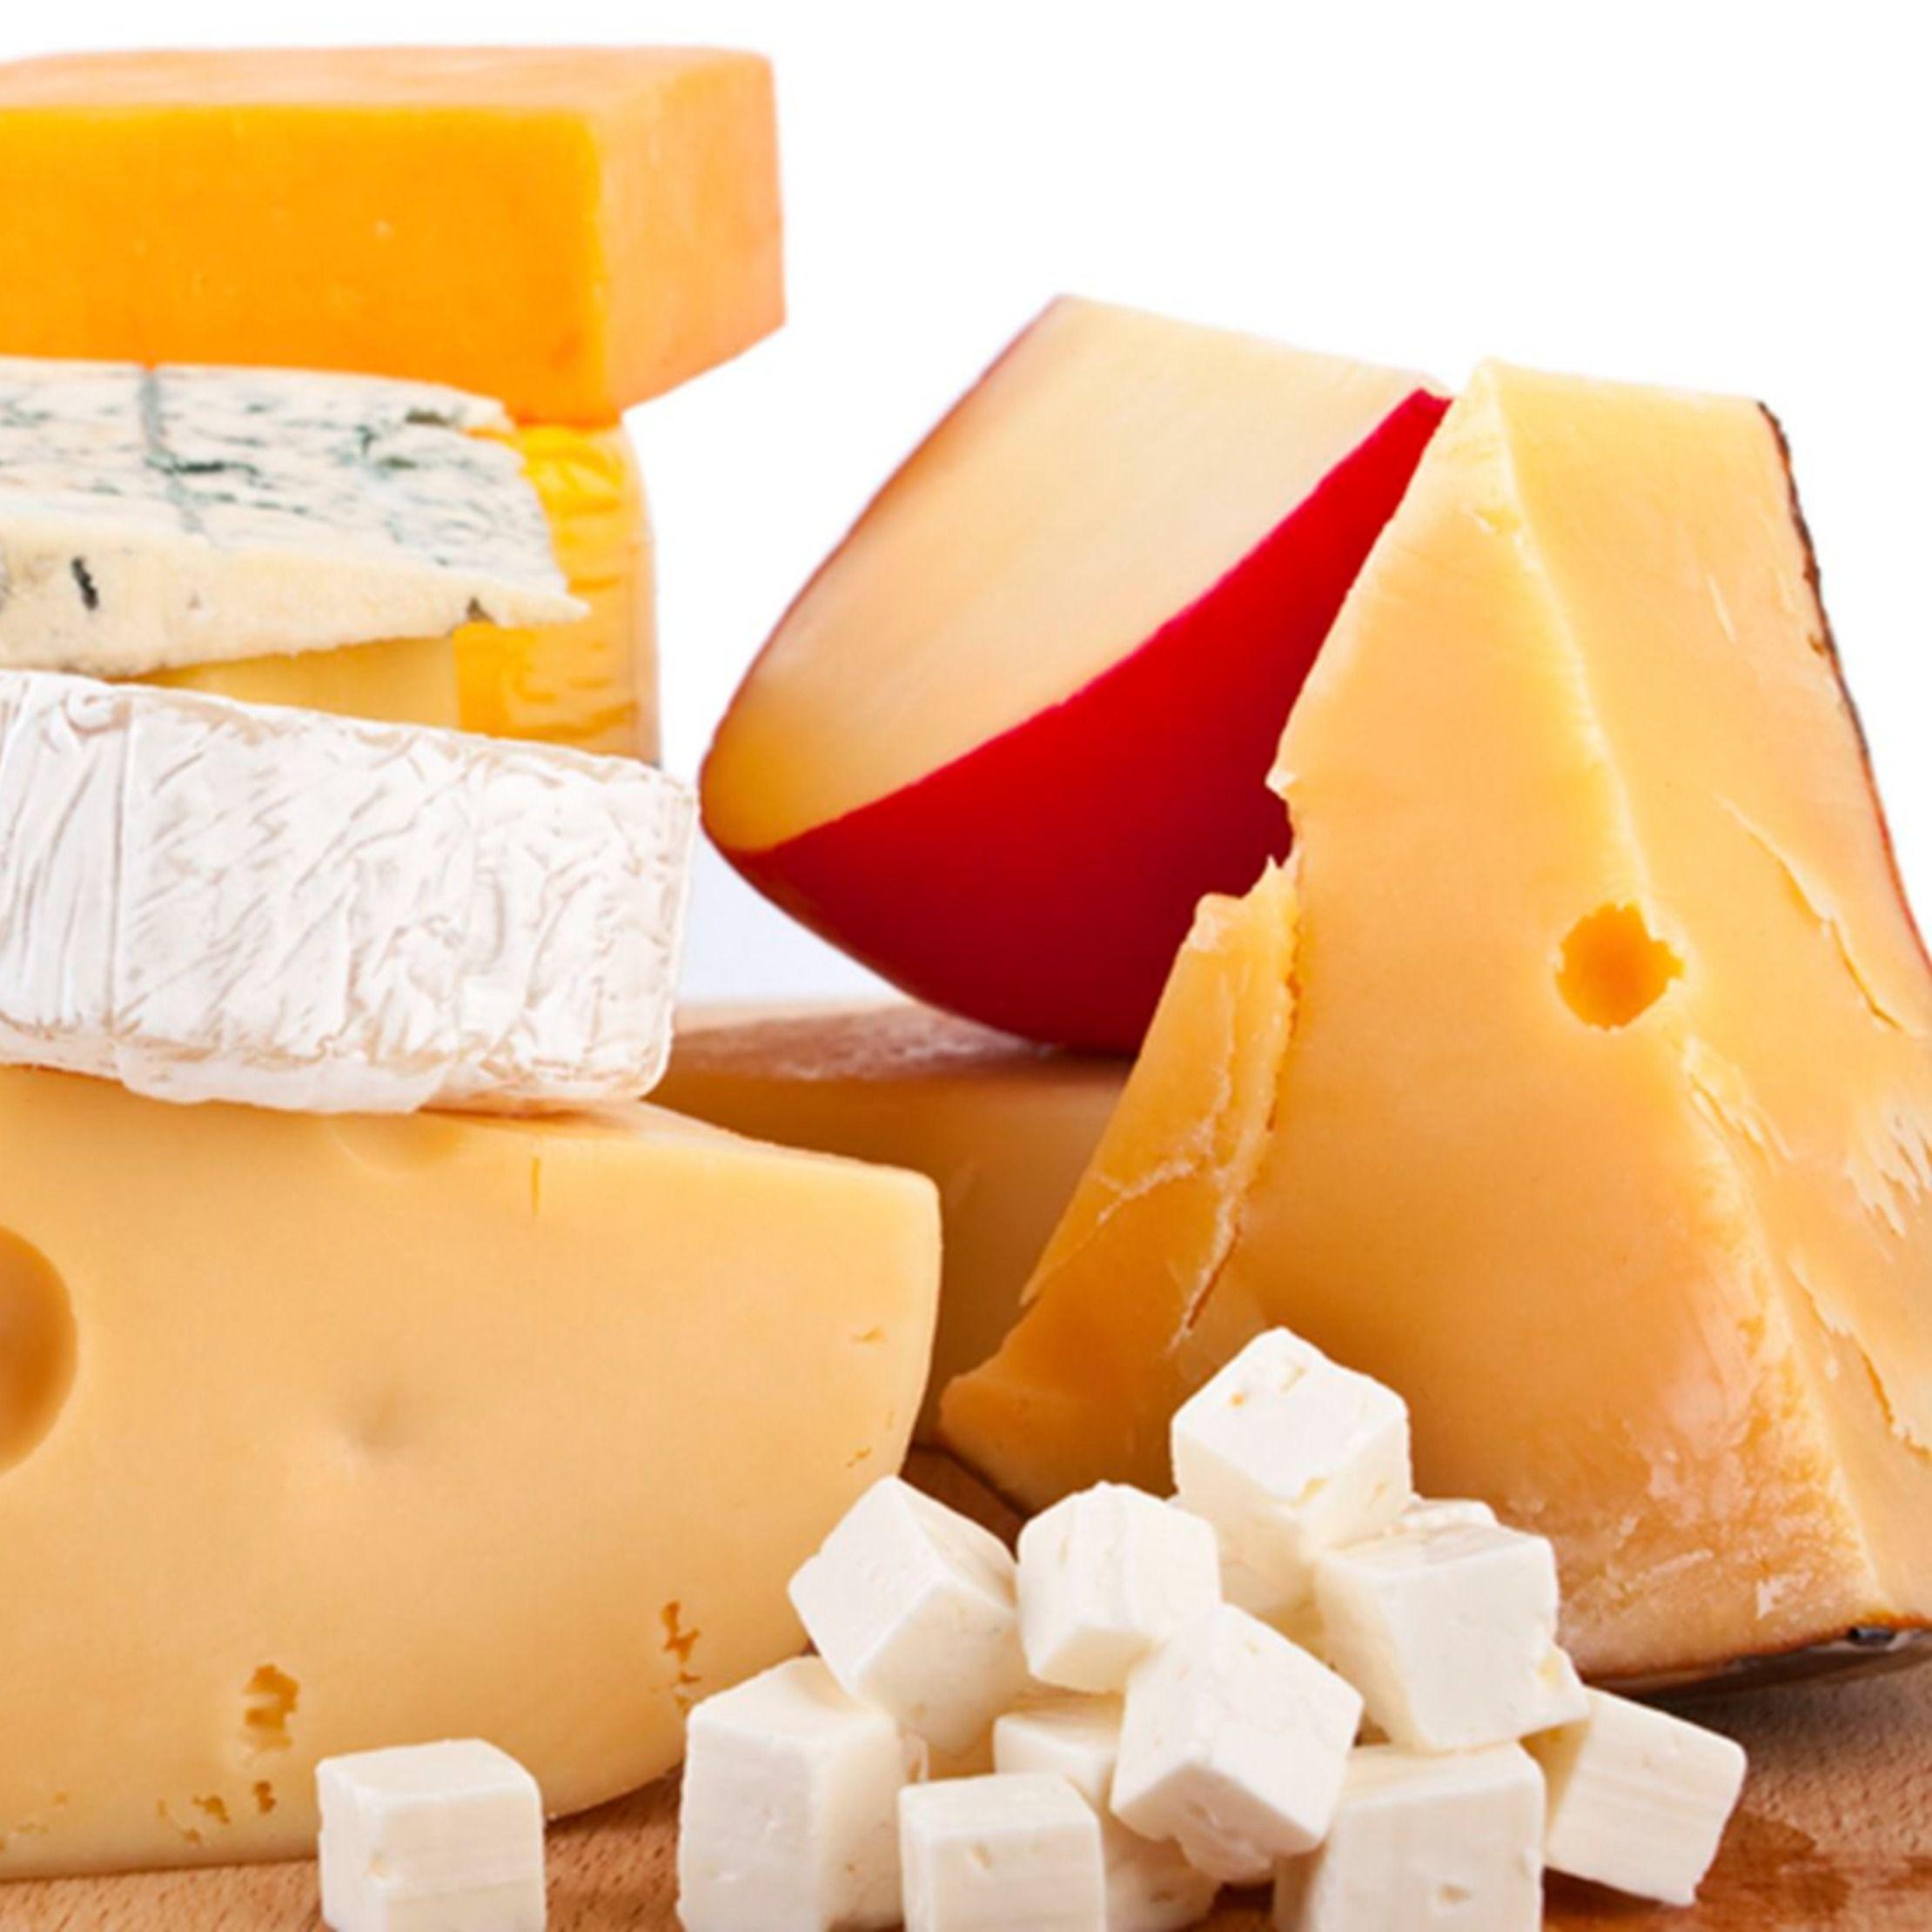 هل تعلم أنه يمكن استخدام الجبن عند اتباع نظام غذائي مخصص لفقدان الوزن تعرف على أفضل نوع جبن يمكن استخدامه في الدايت وعدد السعرات Food Cheese Camembert Cheese